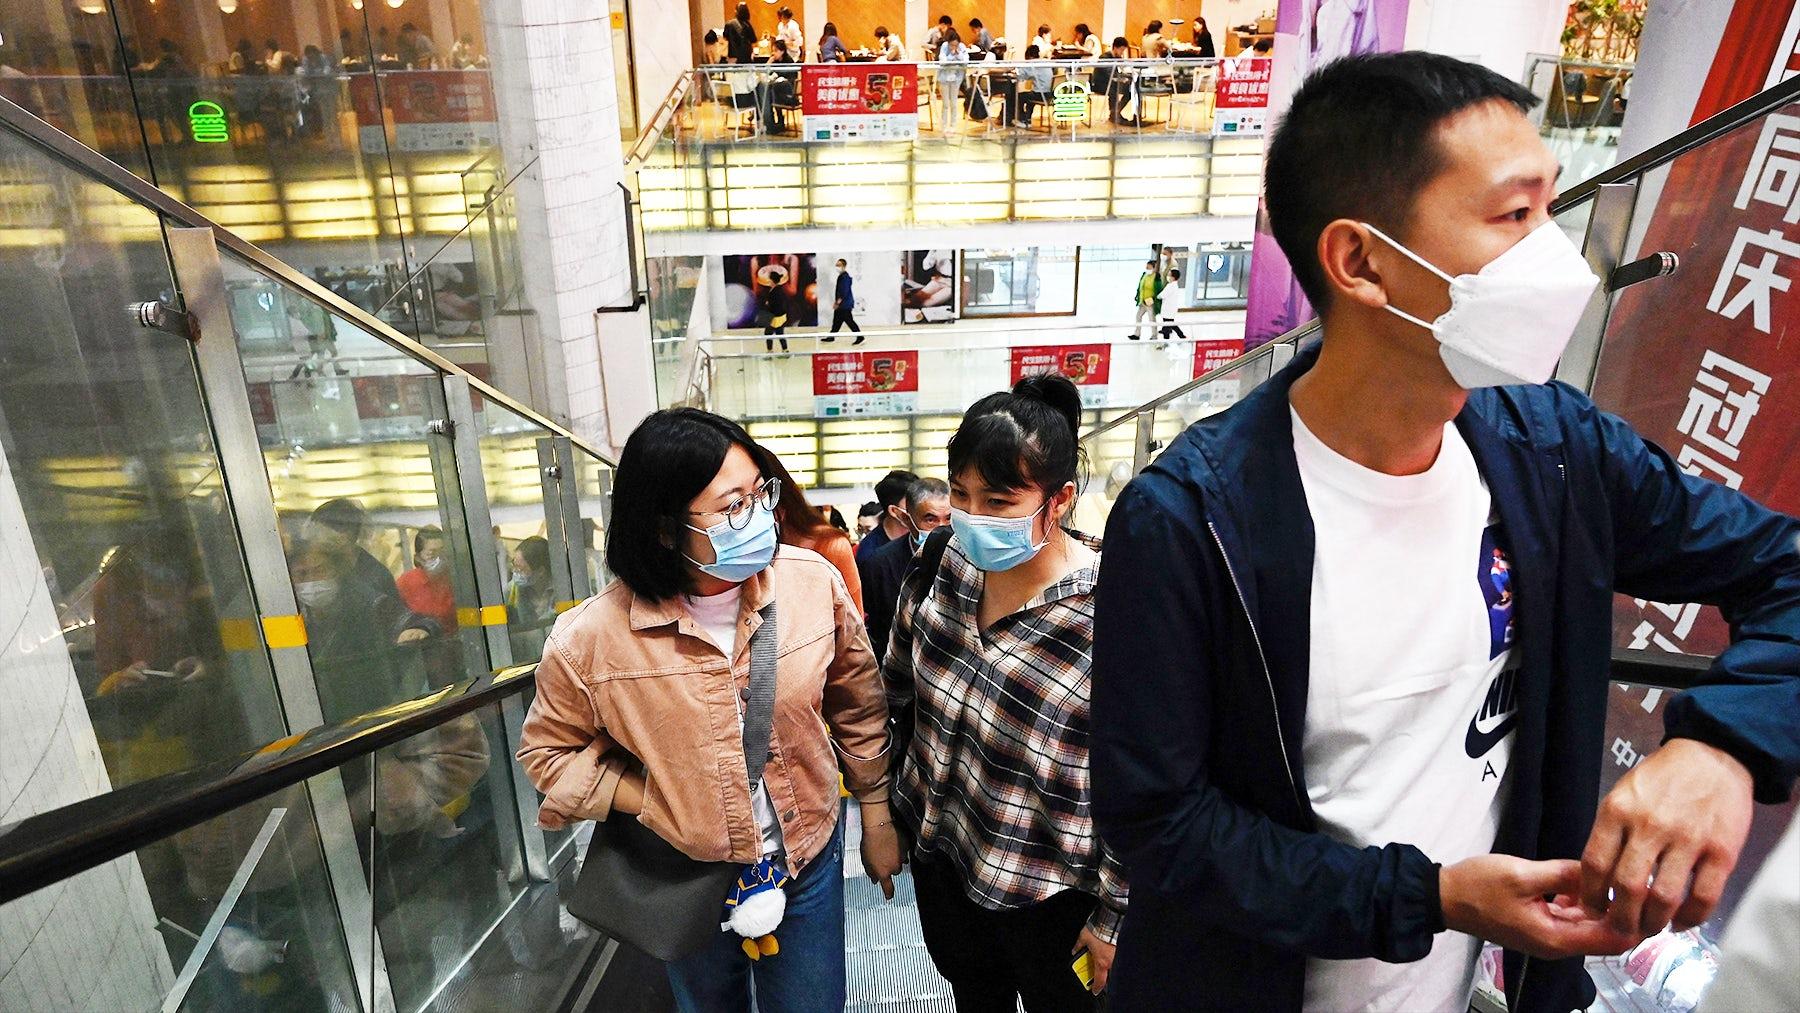 2021年10月2日,国庆黄金周期间,购物者在购物中心乘坐自动扶梯。盖蒂图片社。